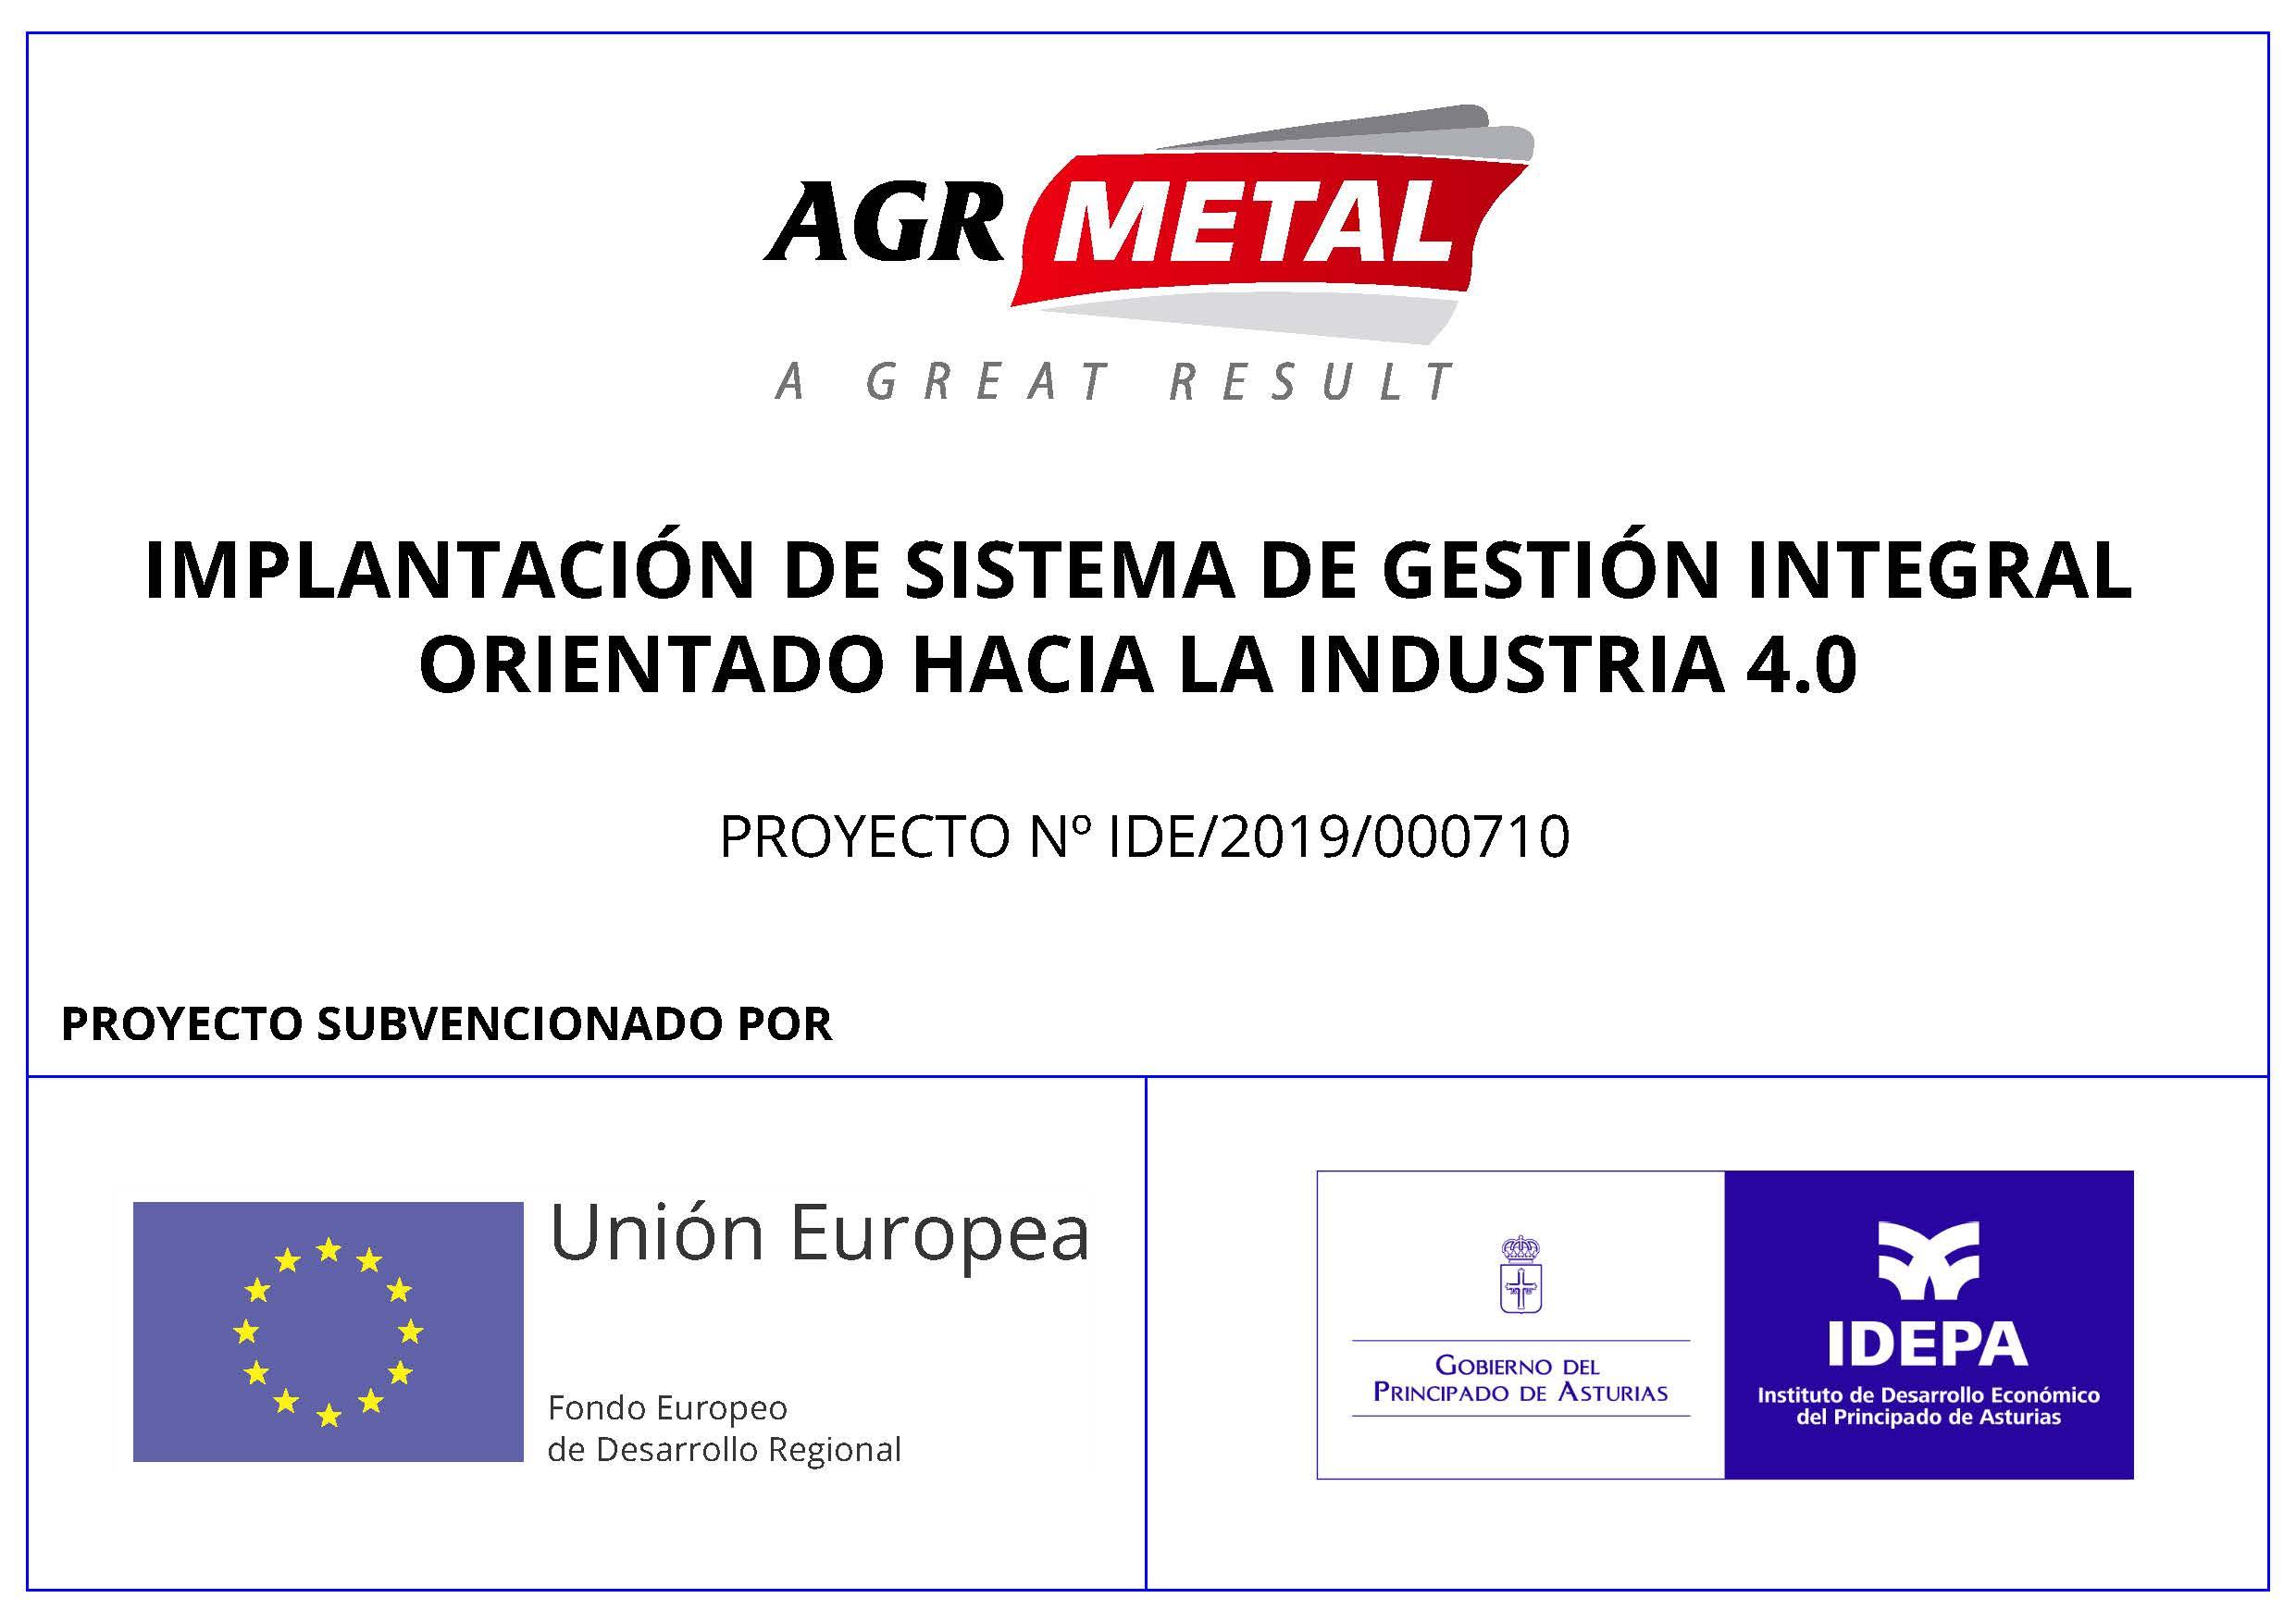 IMPLANTACIÓN DE SISTEMA DE GESTIÓN INTEGRAL ORIENTADO HACIA LA INDUSTRIA 4.0